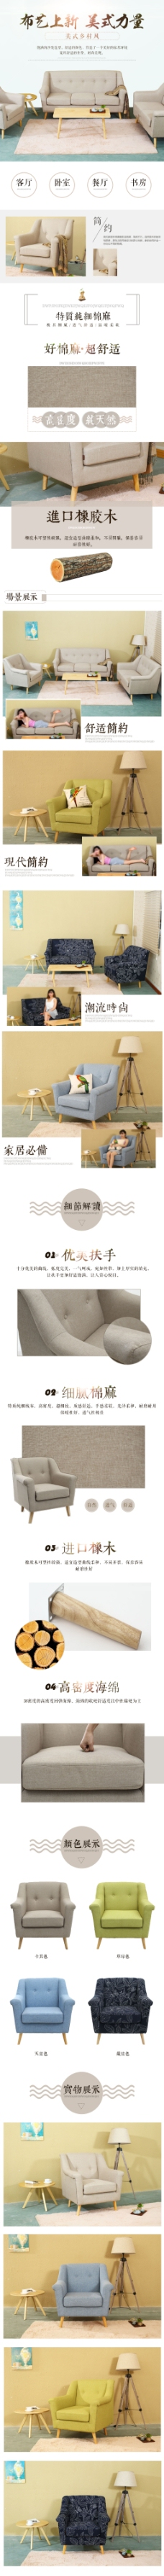 淘宝电商简约现代沙发居家家具详情页psd模板